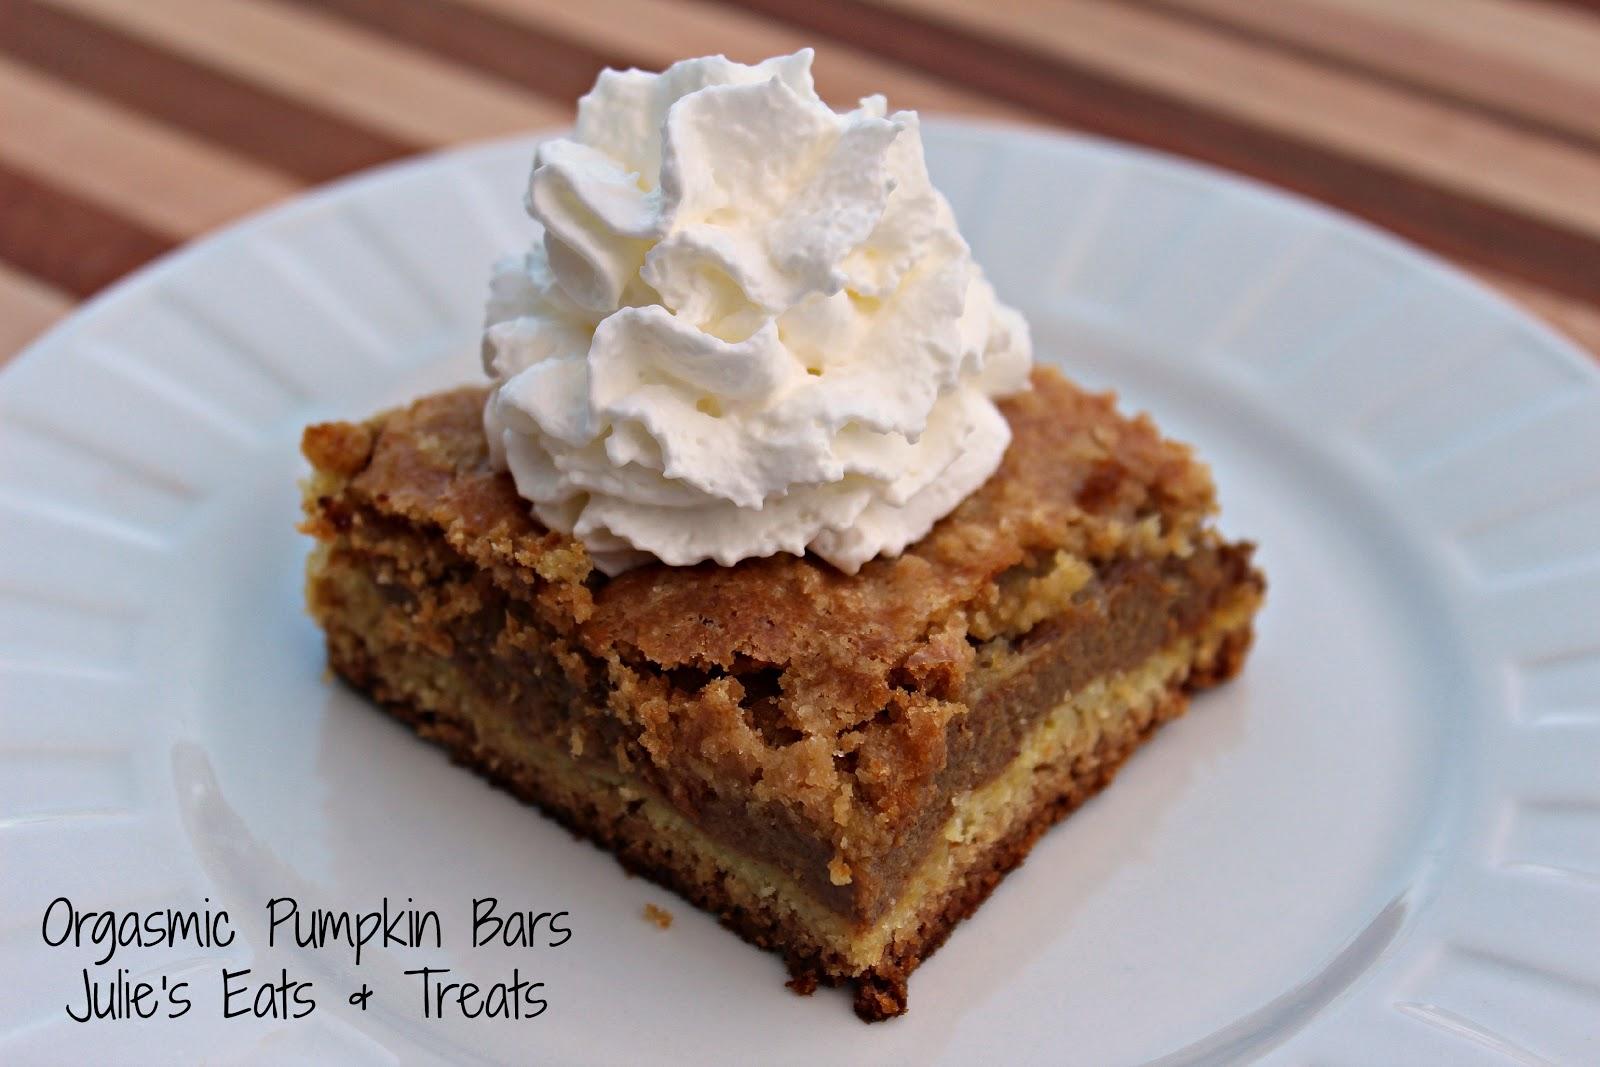 Pumpkin Bar Recipes With Cake Mix